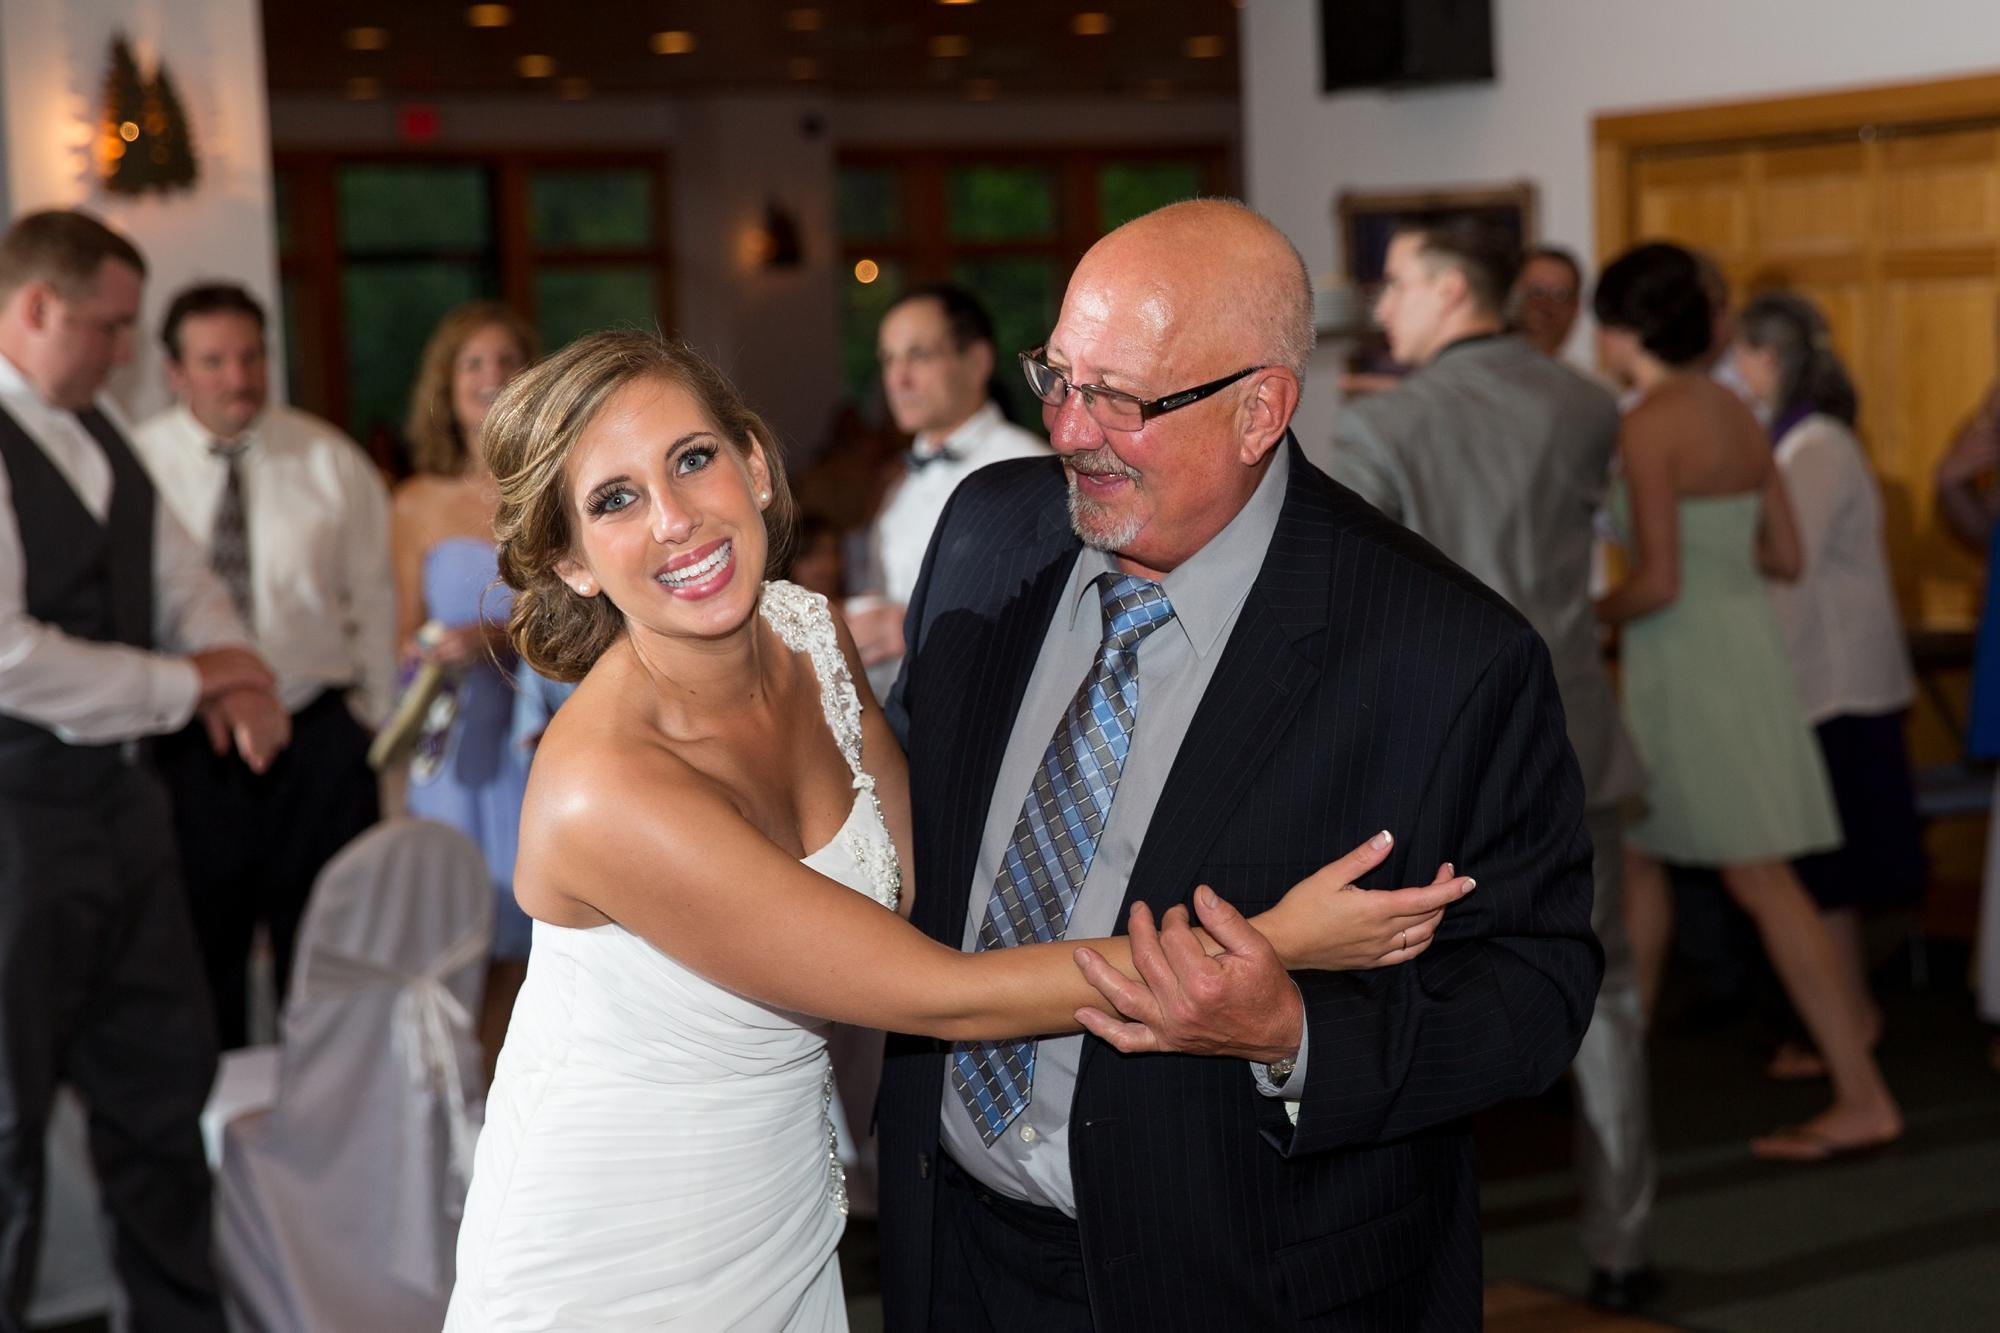 Albany NY Wedding Photographer Justin Tibbitts Photography Albany NY Best of Weddings19Albany NY Wedding Photographer Justin Tibbitts Photography Albany NY Best of Weddings10